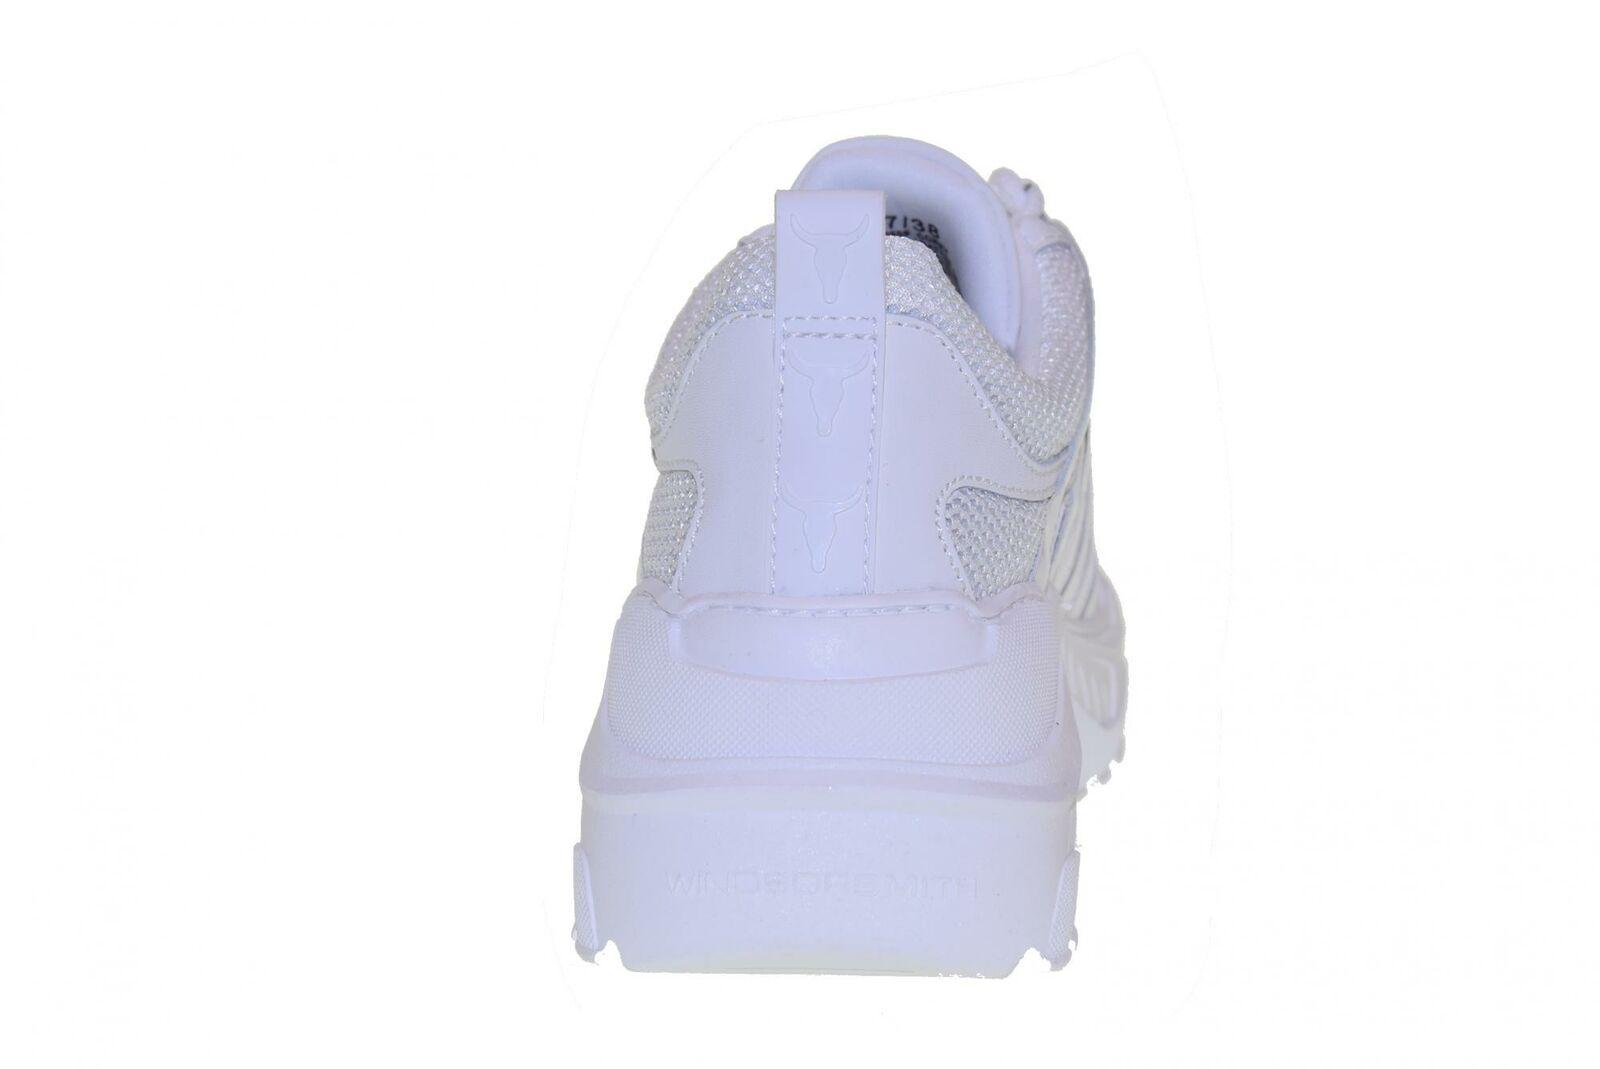 Windsor Windsor Windsor Smith P19f shoes femme baskets compensées COREY BIANCO 67f68a